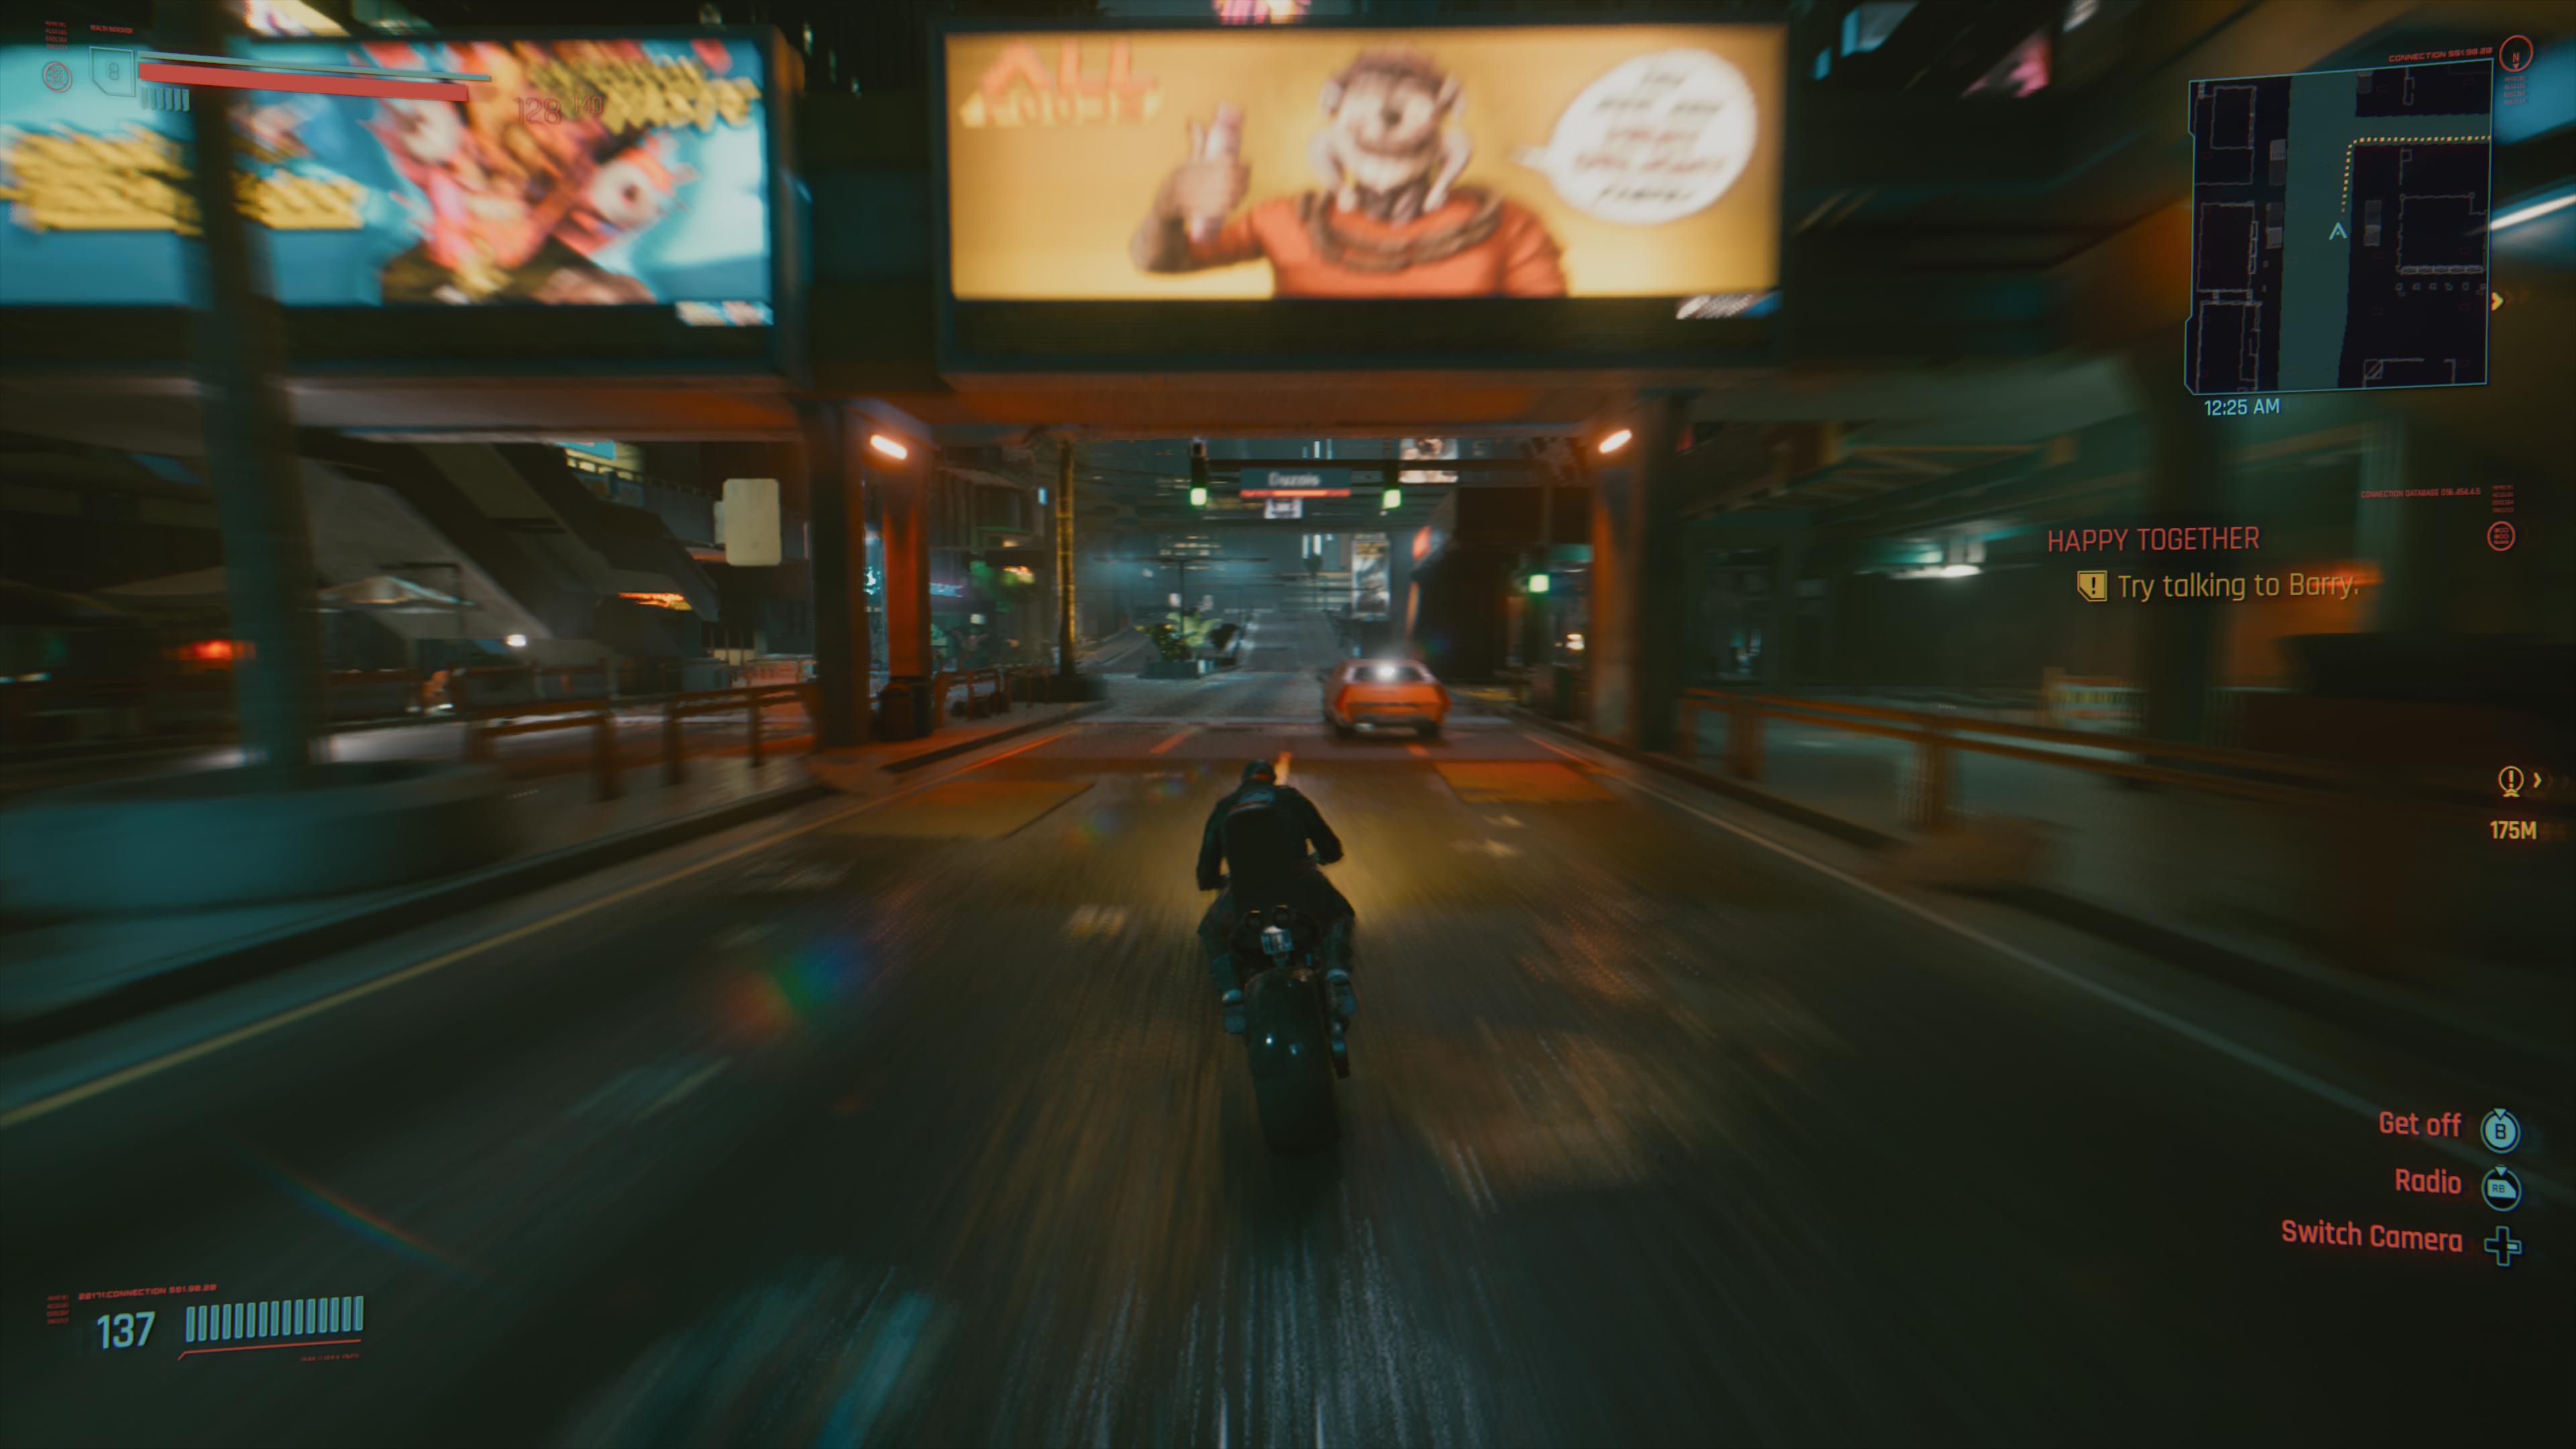 La conduite automobile est un élément important du jeu, mais optionnelle si le joueur opte pour le système de déplacement rapide